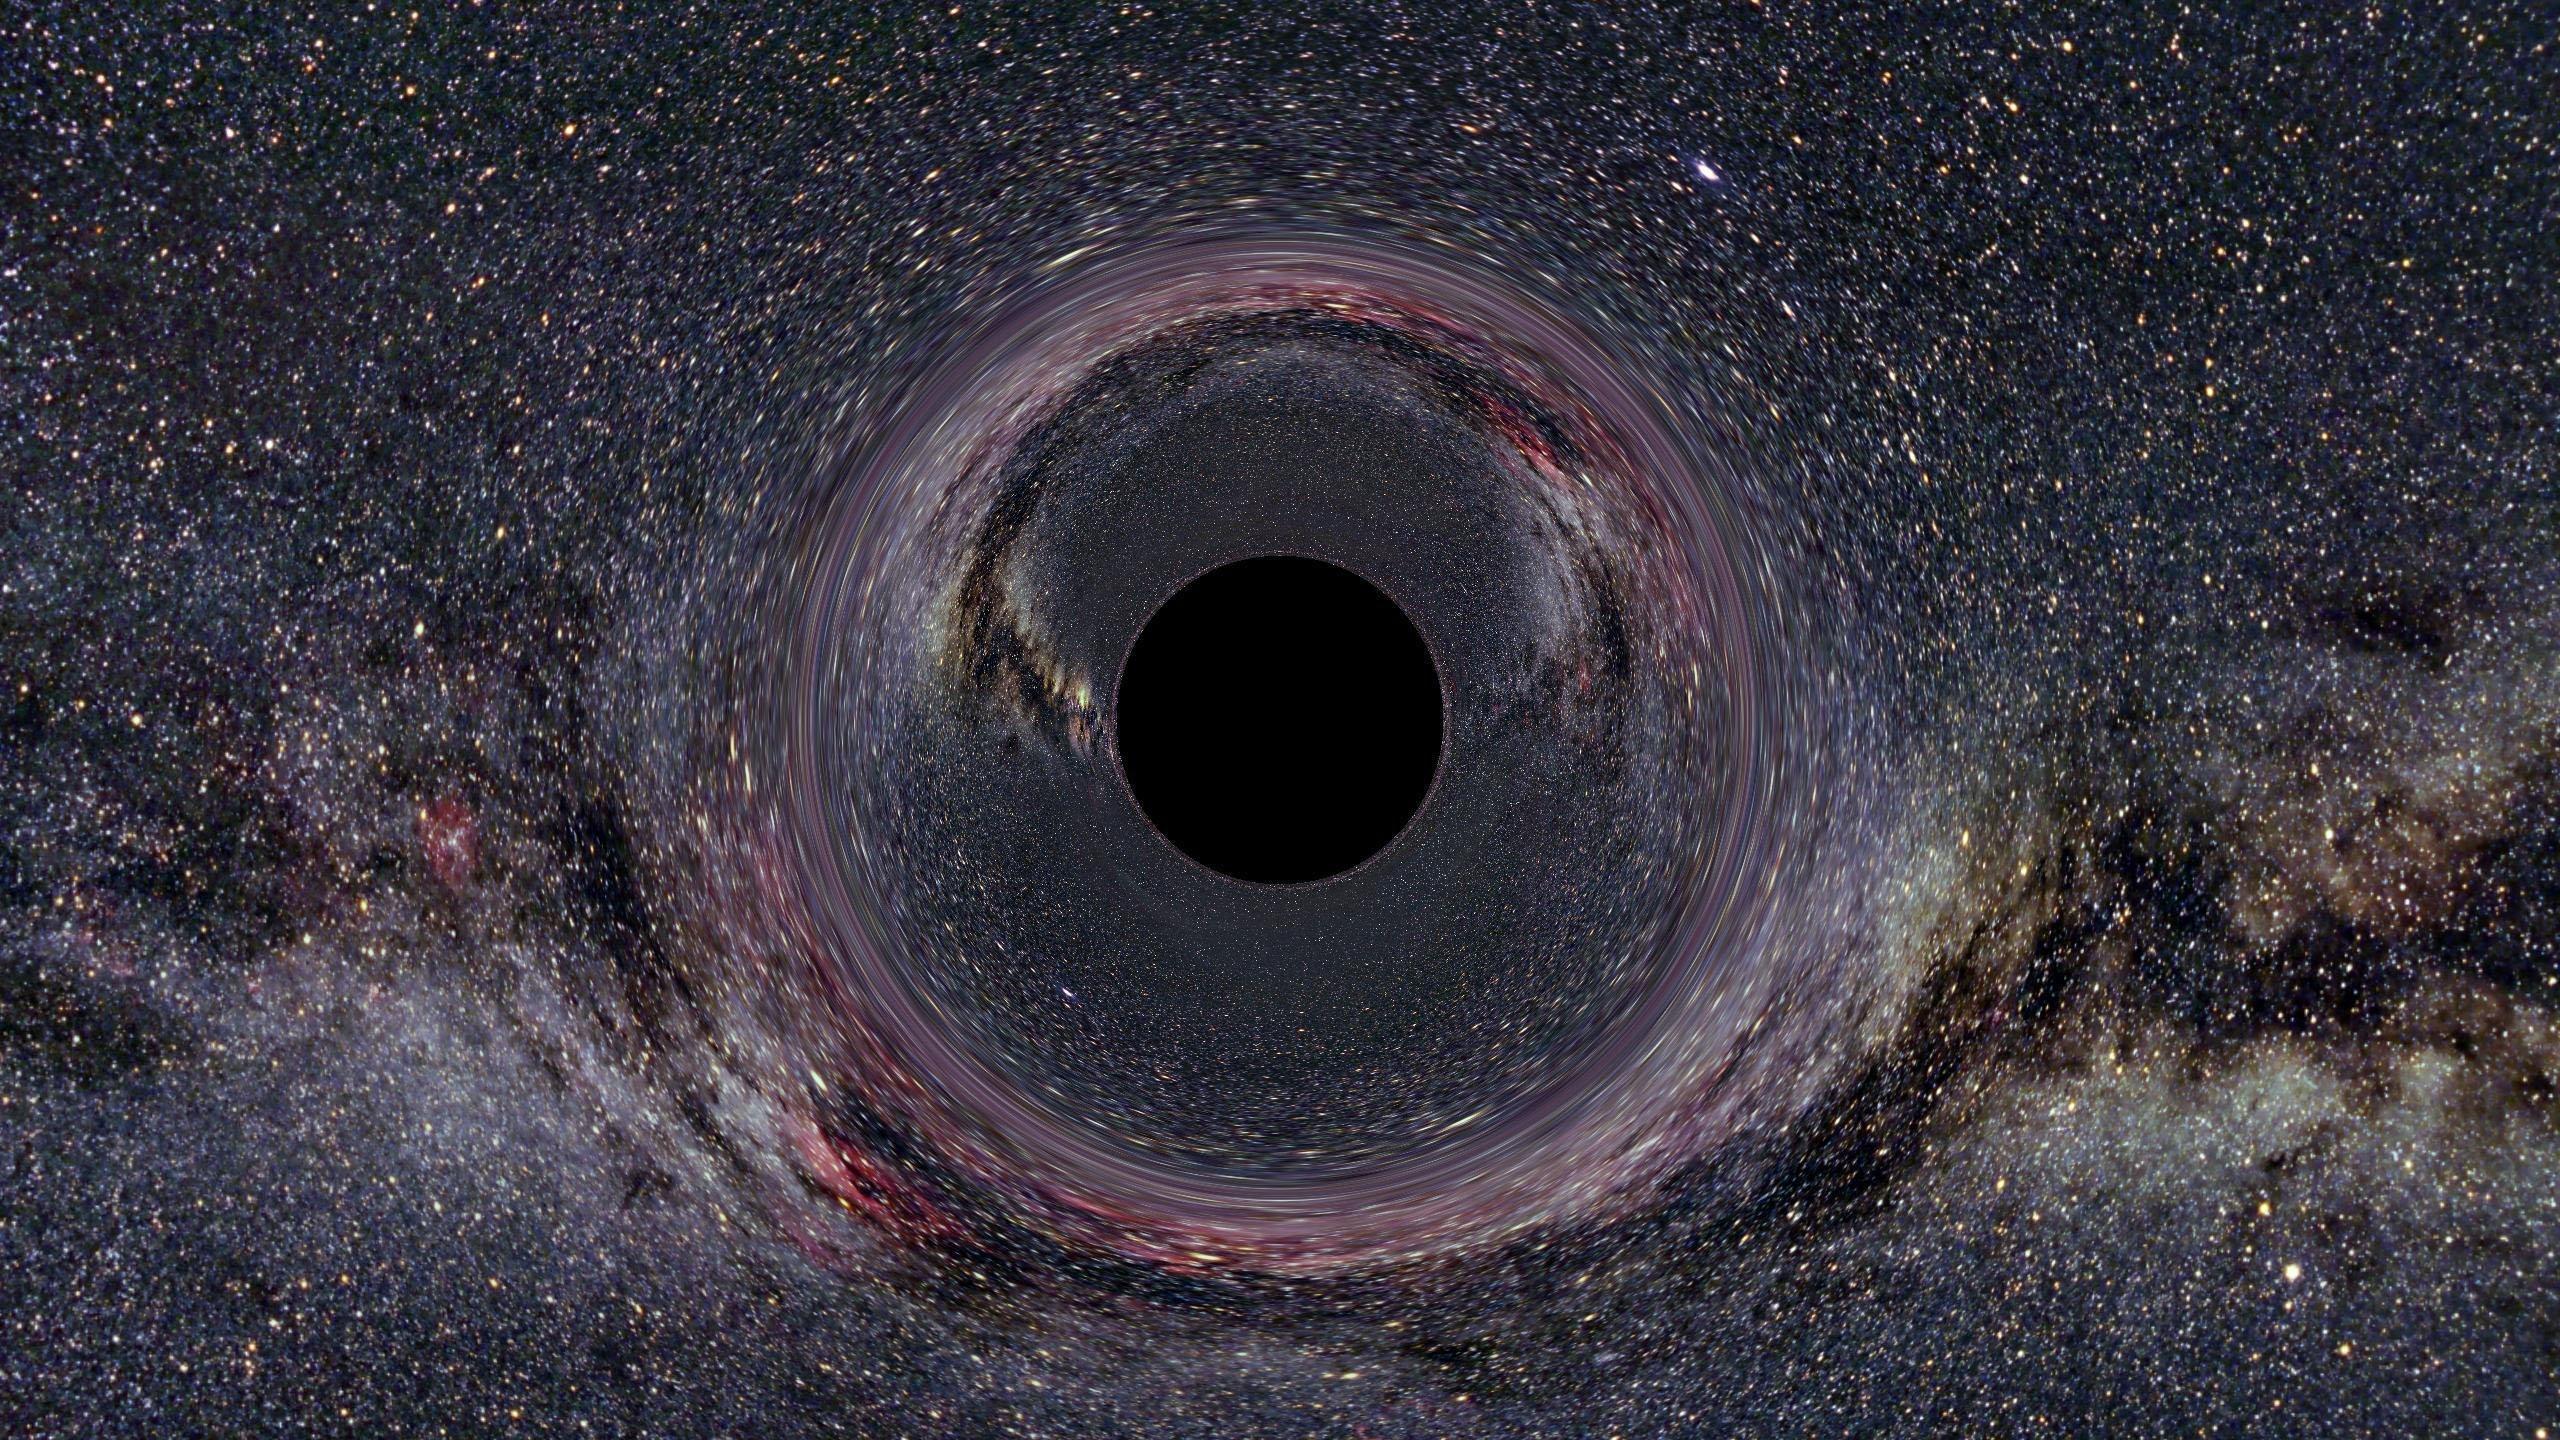 Eigentlich kann man Schwarze Löcher nicht sehen, doch sie lenken mit ihrer gigantischen Schwerkraft Lichtstrahlen ab, die sie verraten. In dieser Visualisierung ist ein Schwarzen Loches in der Milchstraße dadurch zu erkennen, dass die Lichtstrahlen der Sterne im Hintergrund so abgelenkt und verzerrt werden, dass in der Mitte ein kreisrunder, schwarzer Fleck entsteht.